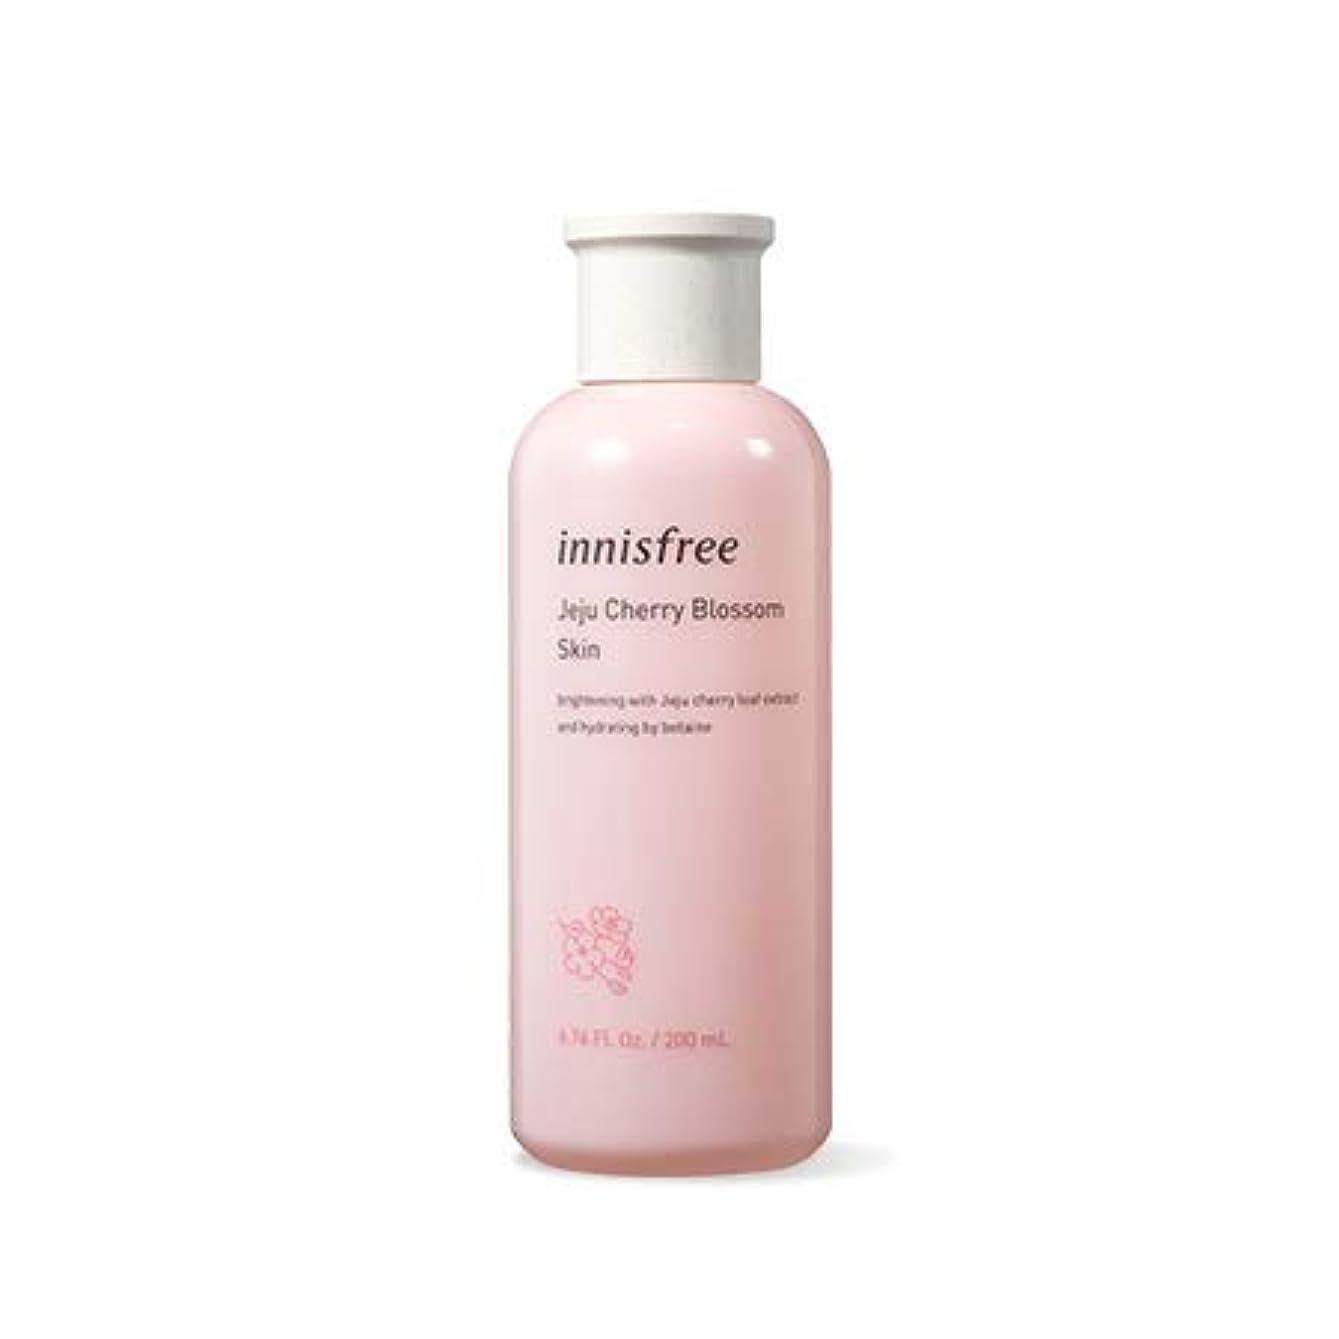 優雅な添付余裕があるイニスフリー 済州 チェリー ブラッサム スキン 200ml / Innisfree Jeju Cherry Blossom Skin 200ml [並行輸入品]